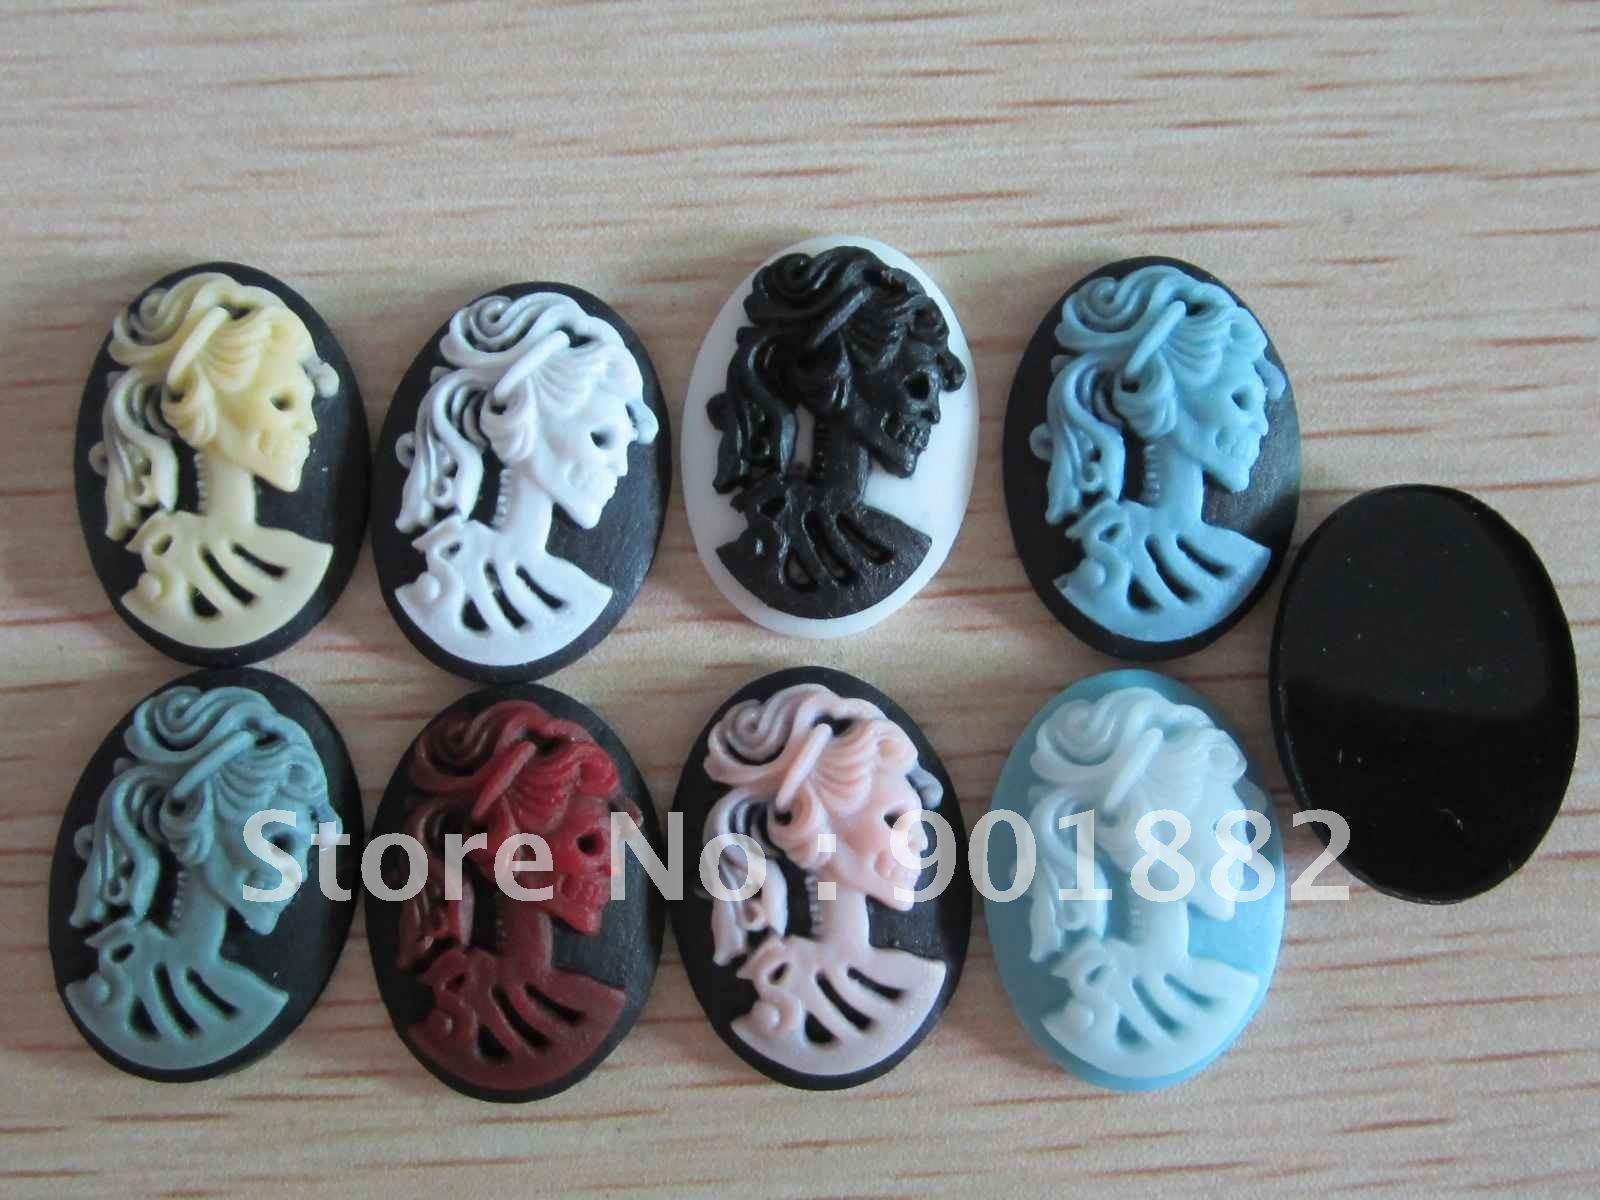 Бесплатная доставка ~! 13*18 мм Разноцветные Flatback Смола череп камея для ювелирных изделий decoration.100pcs/лот